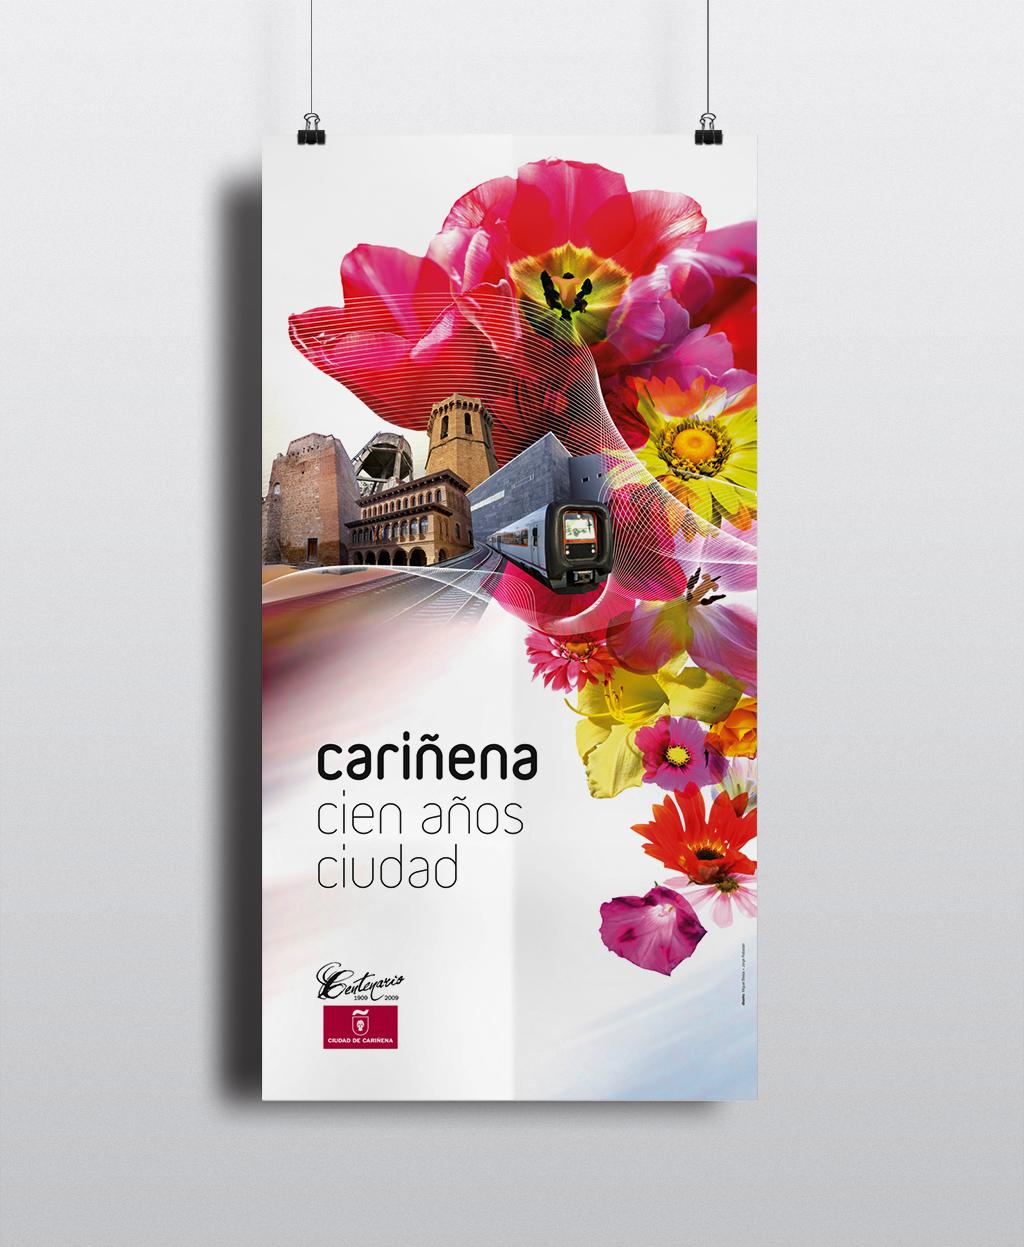 carinena-cien-anos-ciudad-cartel02